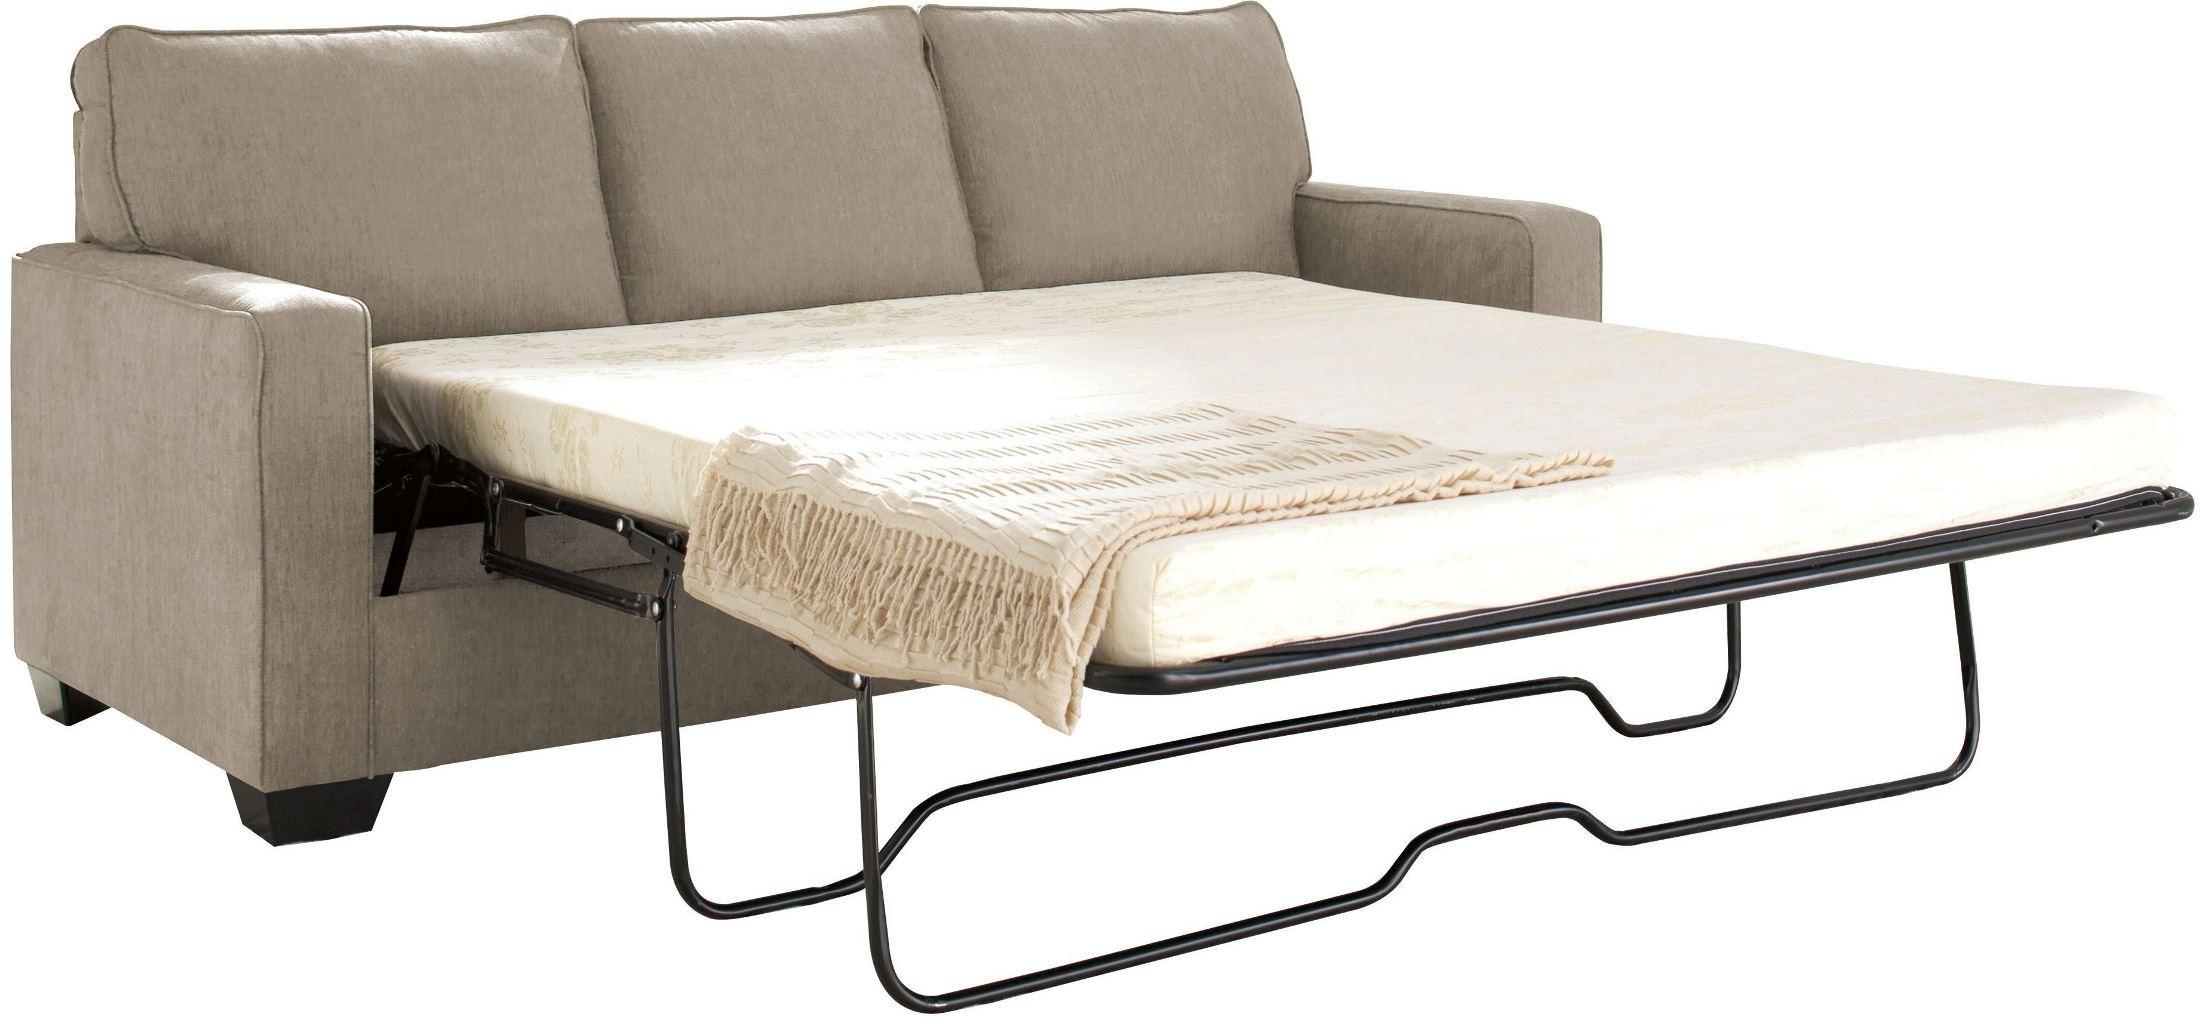 Queen Sofa Bed Zeb Quartz Queen Sofa Bed by Ashley |  Coleman Furniture DEQUSLR